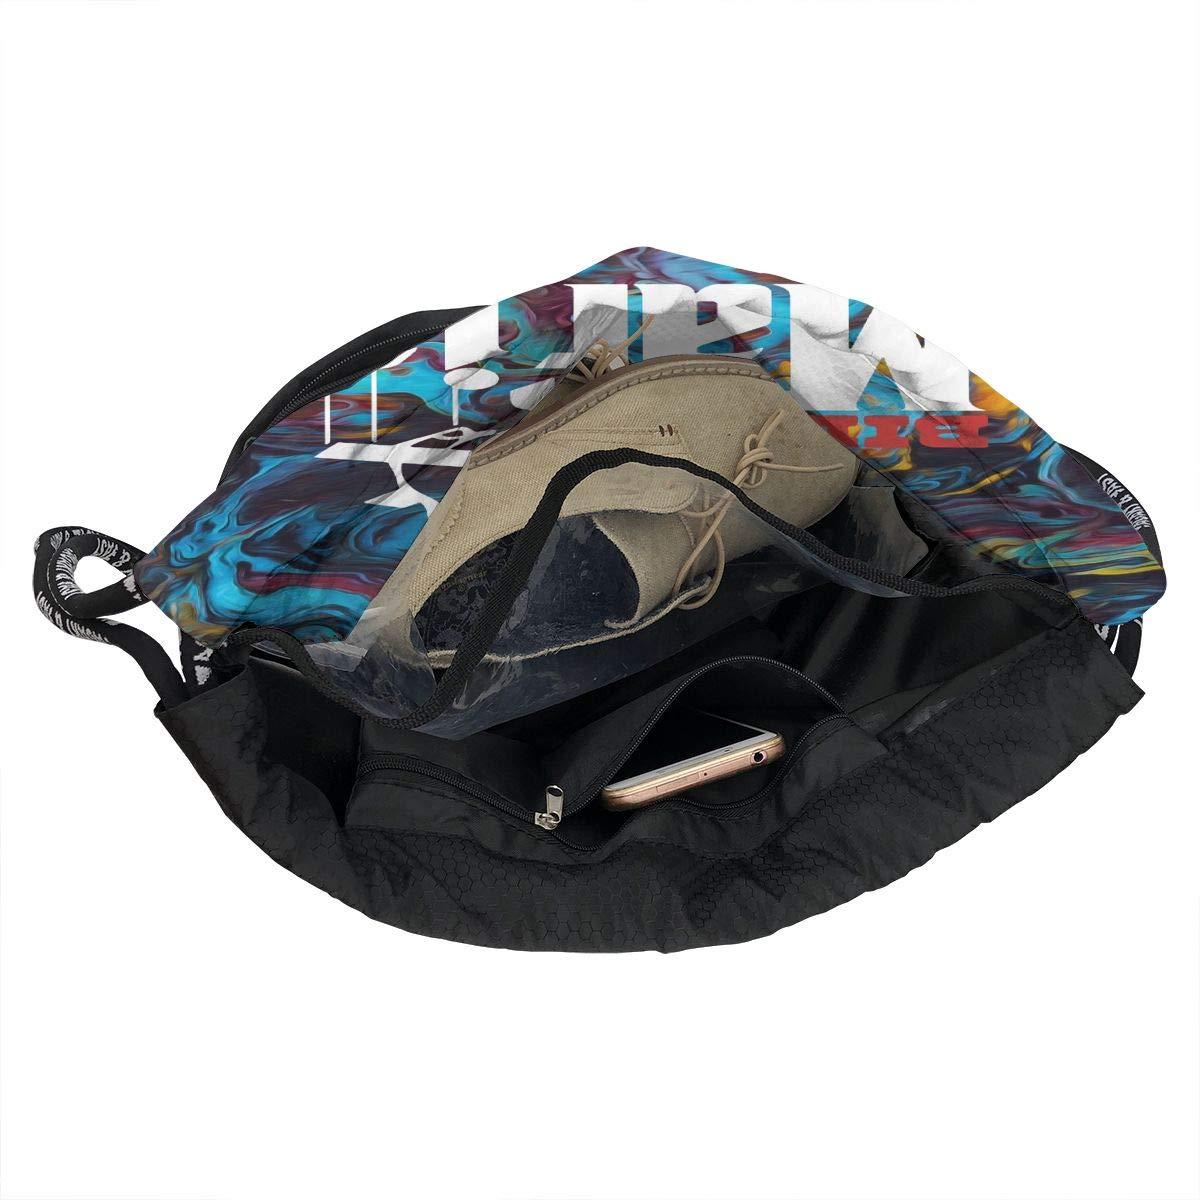 Drawstring Bag Bills-Mafia Gym Bag Sport Backpack Shoulder Bags Travel College Rucksack